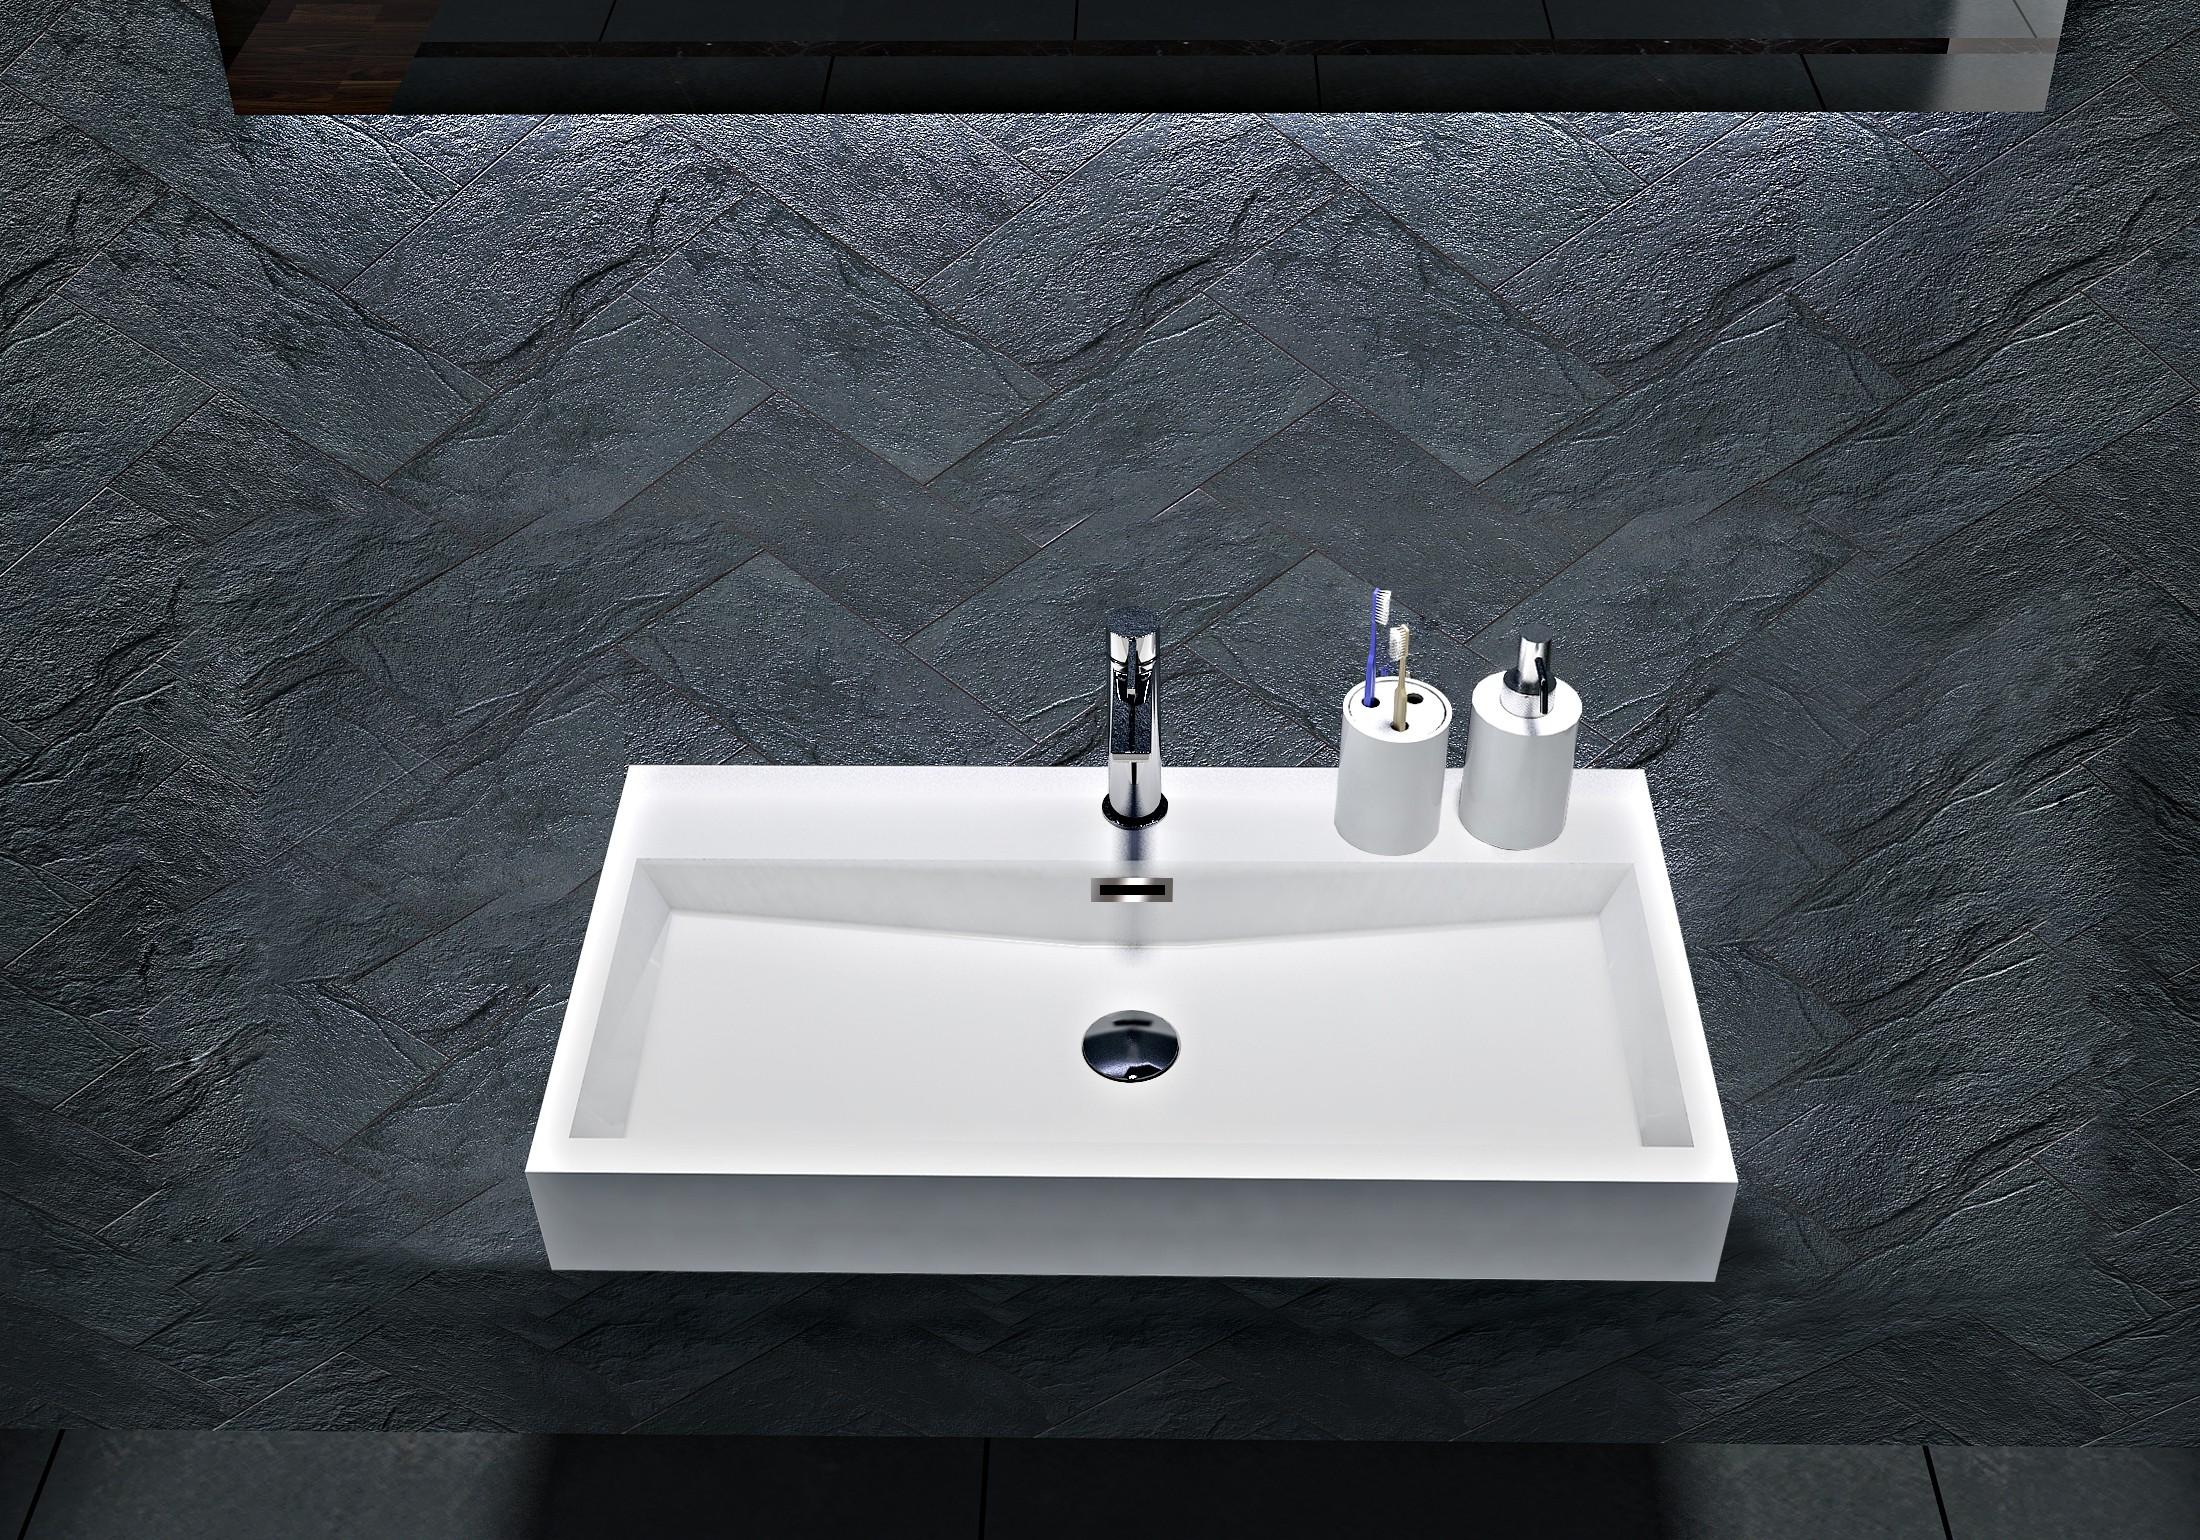 Wandwaschbecken Aufsatzwaschbecken BS6002 - Breite 76,5cm / 100cm zoom thumbnail 3